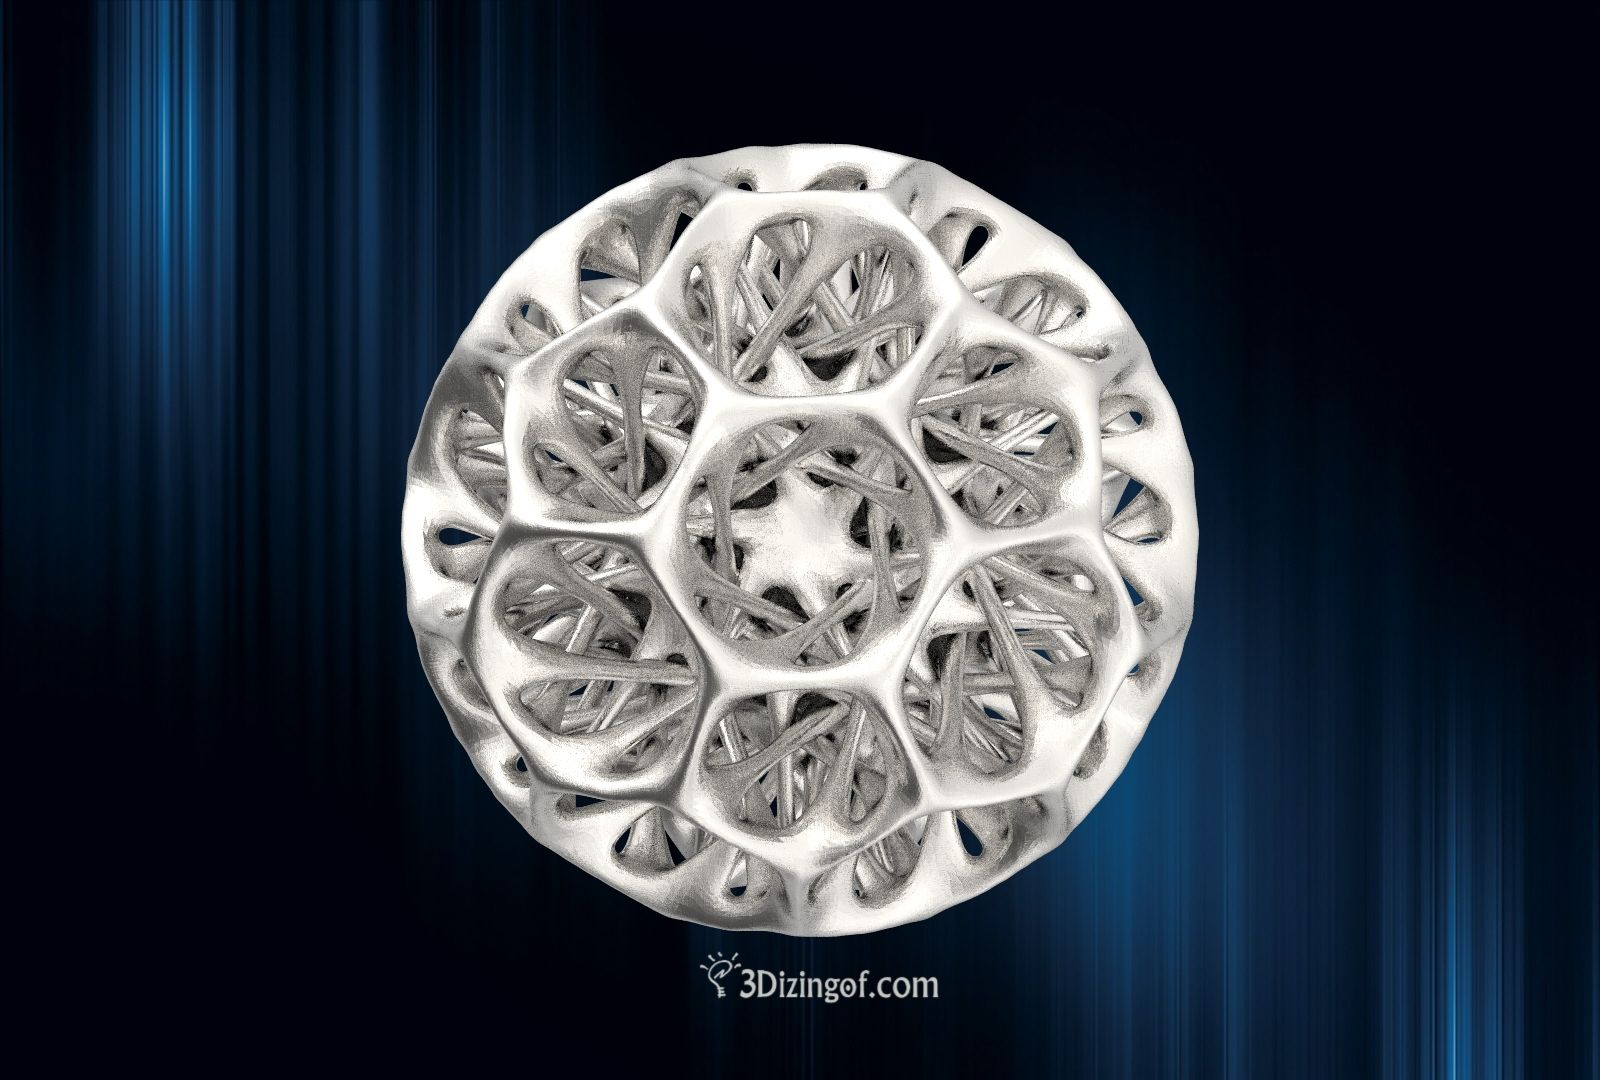 Truncated Icosahedron by Dizingof